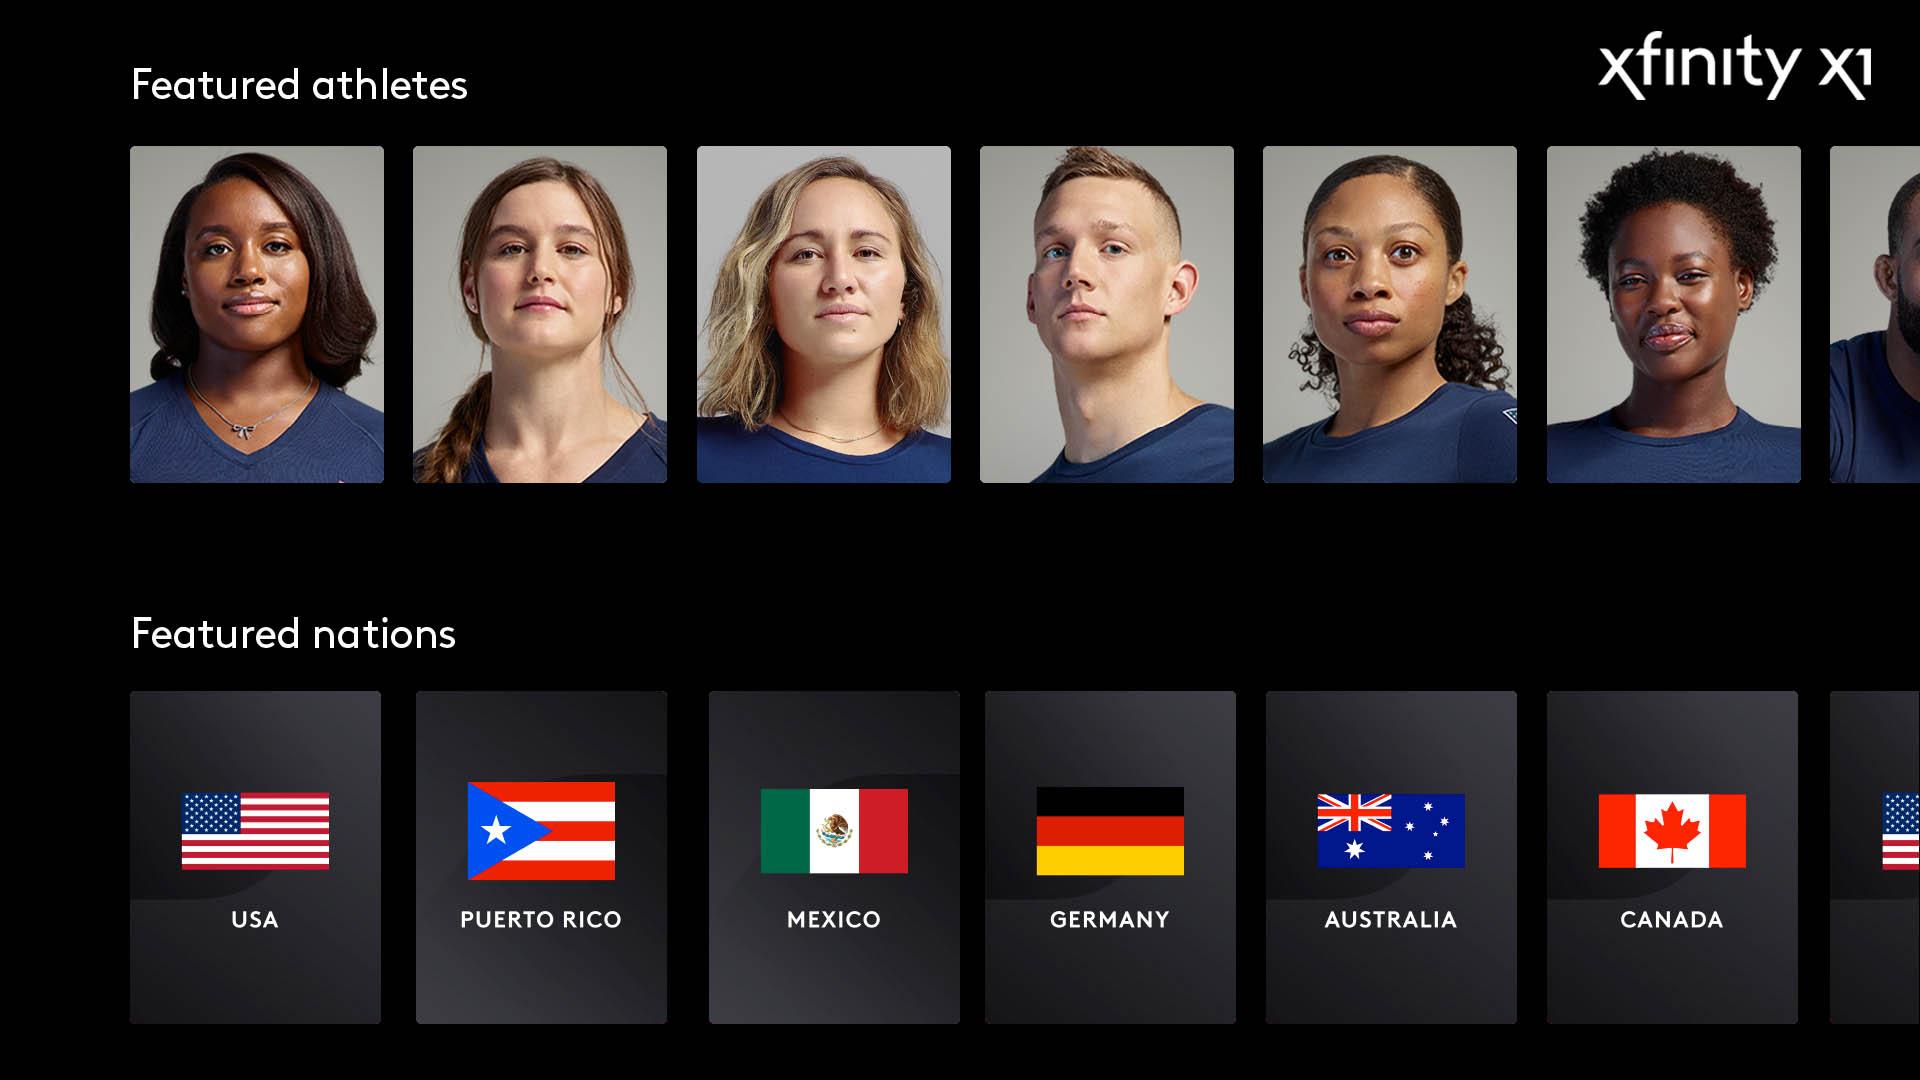 Team USA y los Juegos Olímpicos de Tokio 2020 en Xfinity X1